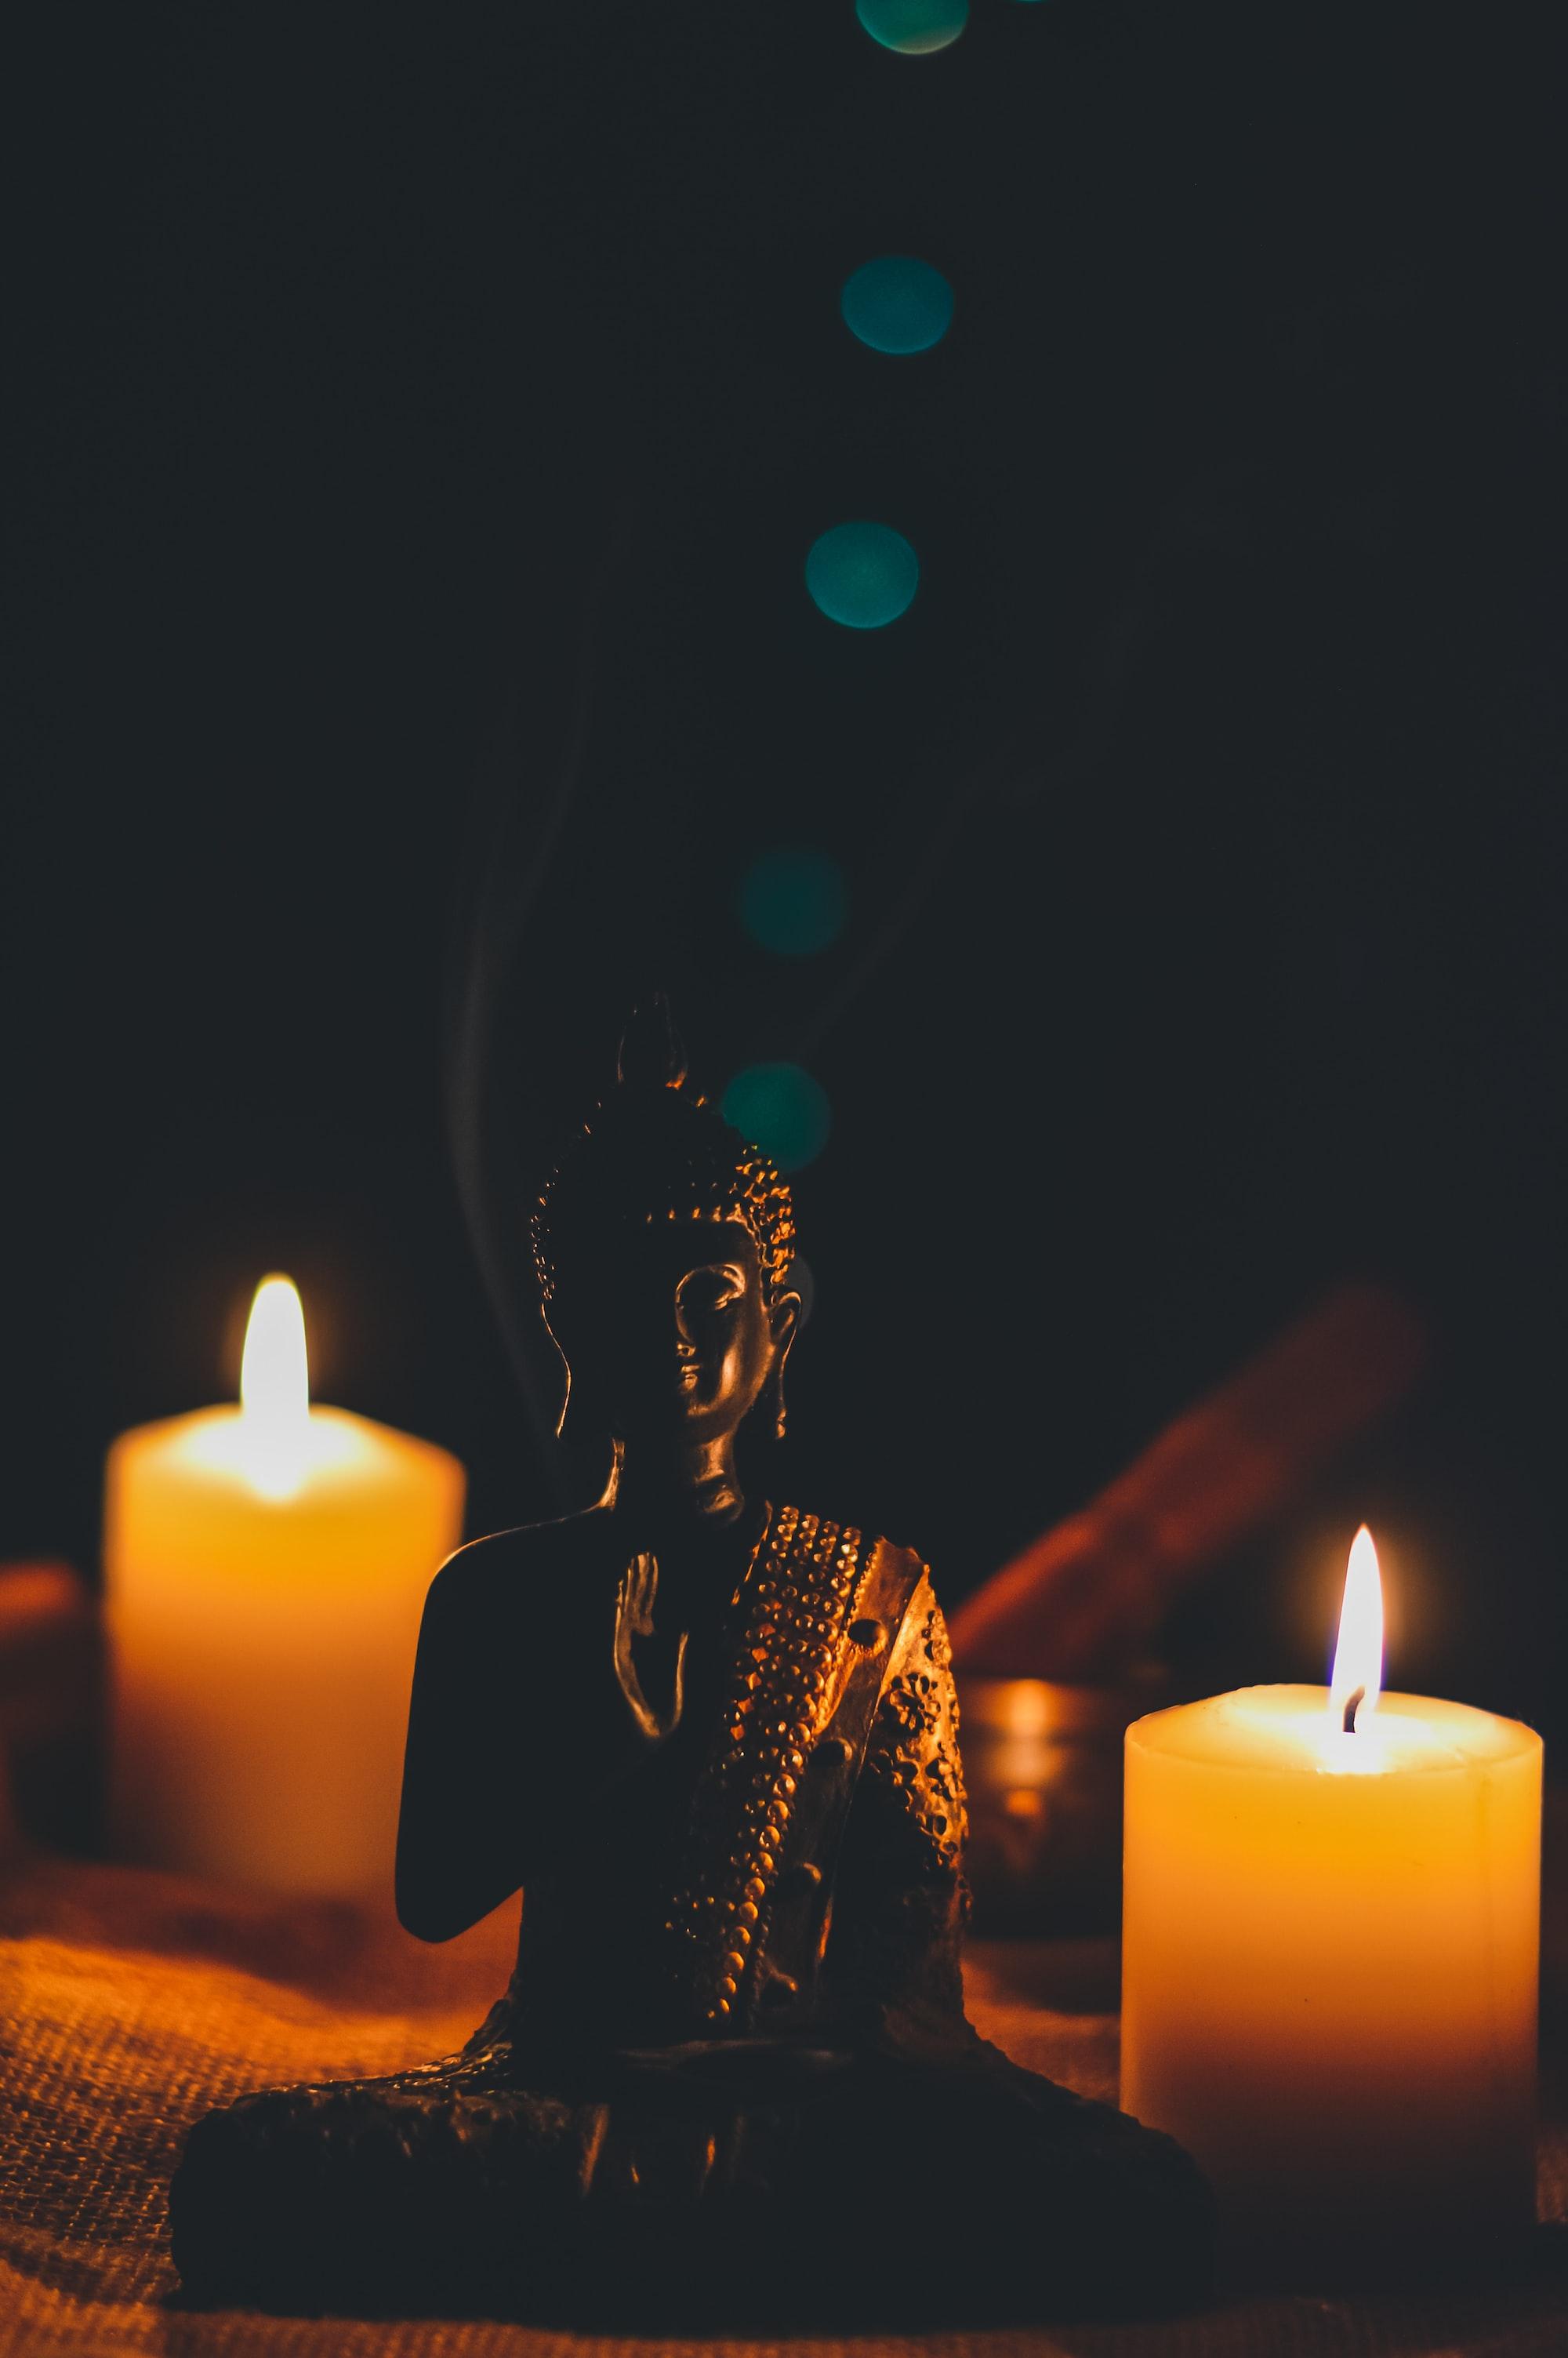 कोरोना, एकांतवास, आणि ध्यान - शौनक कुळकर्णी - (मराठी कट्टा ब्लॉग स्पर्धा २०२०)